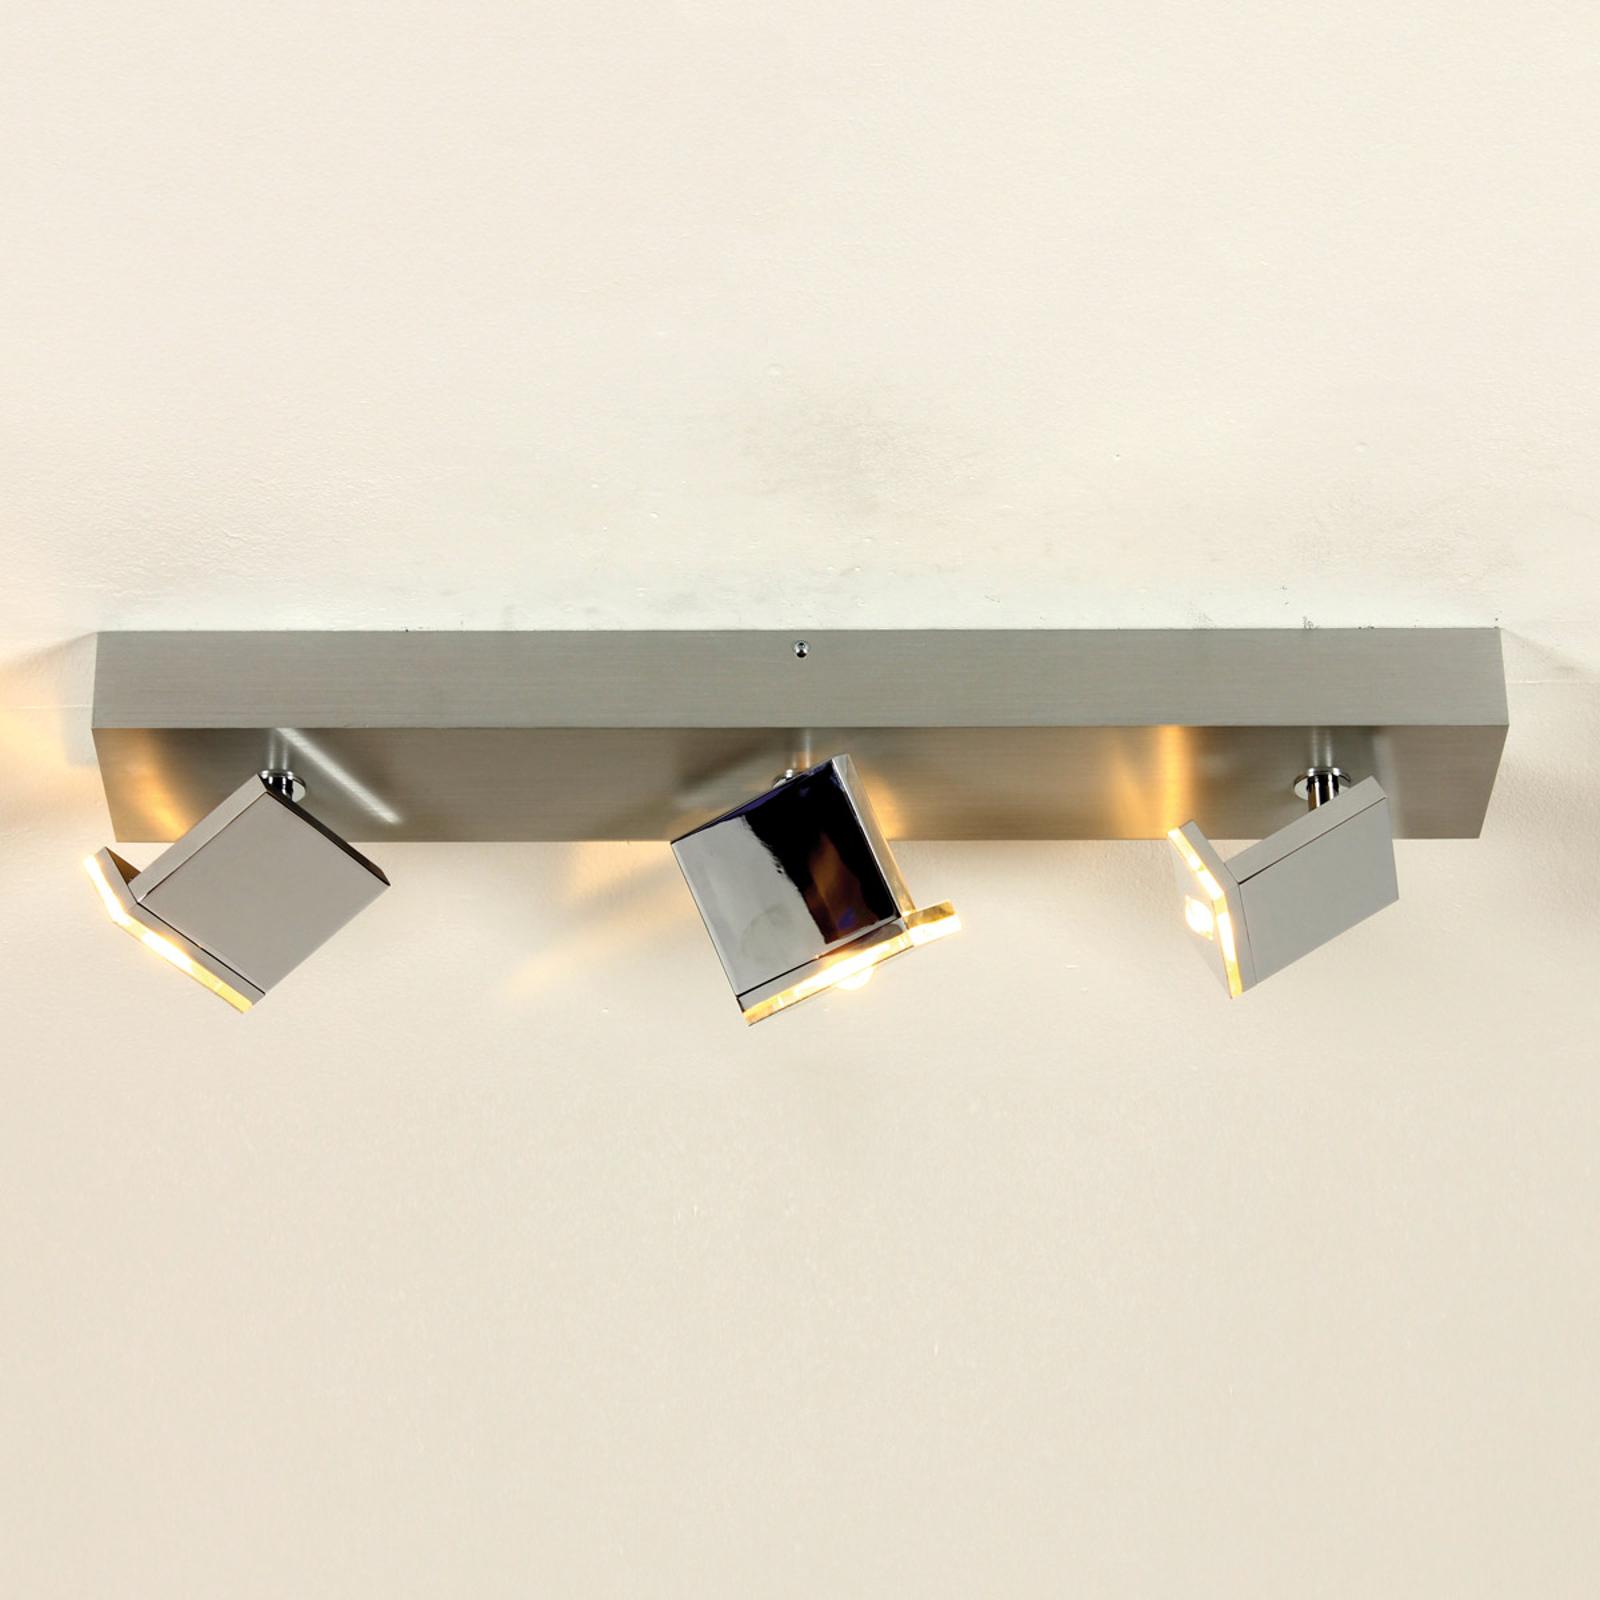 Plafonnier LED Elle à 3 lampes, intensité variable